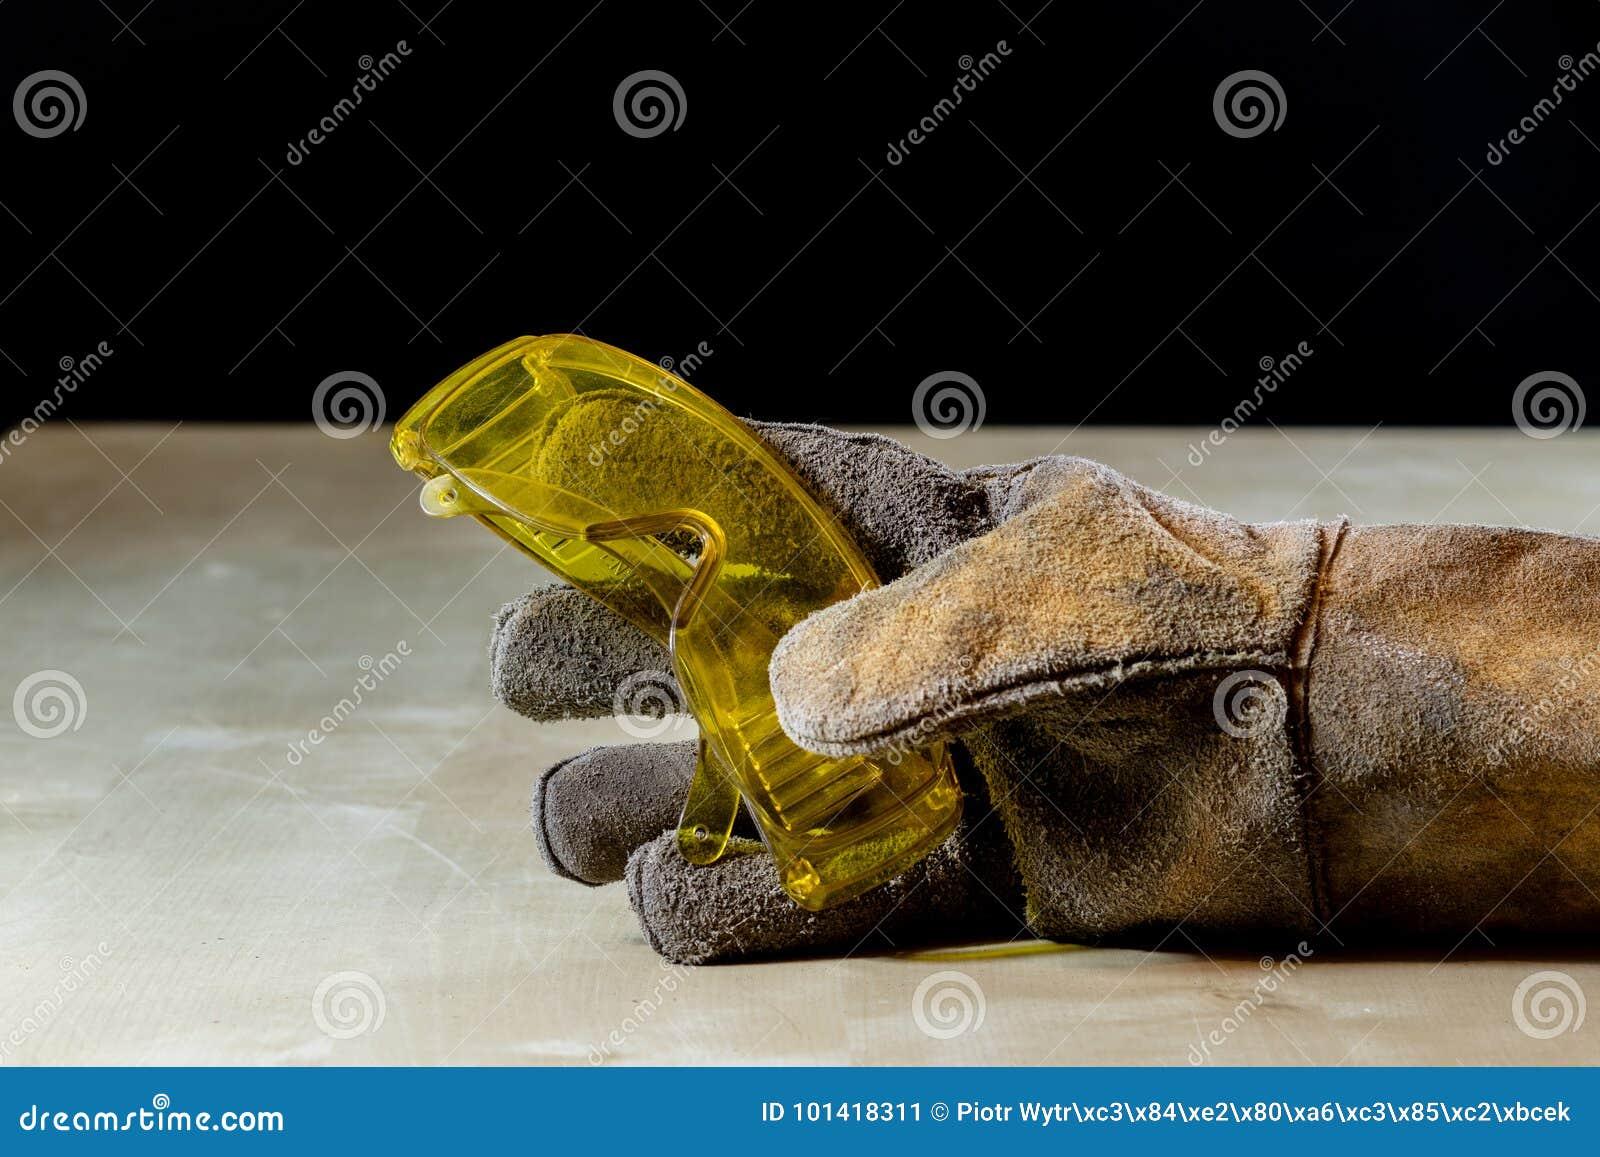 Mano en guante con la herramienta para el trabajo en taller Mano protegida cerca